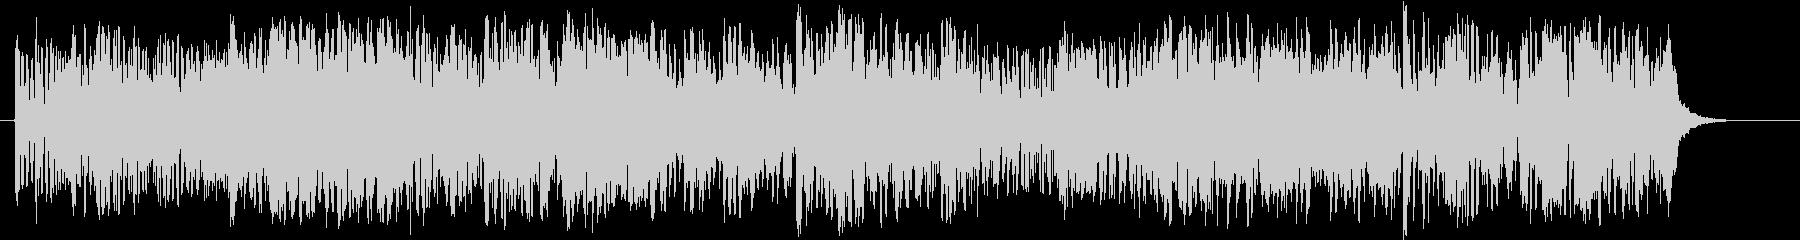 バッハの平均律のフーガを木管トリオでの未再生の波形